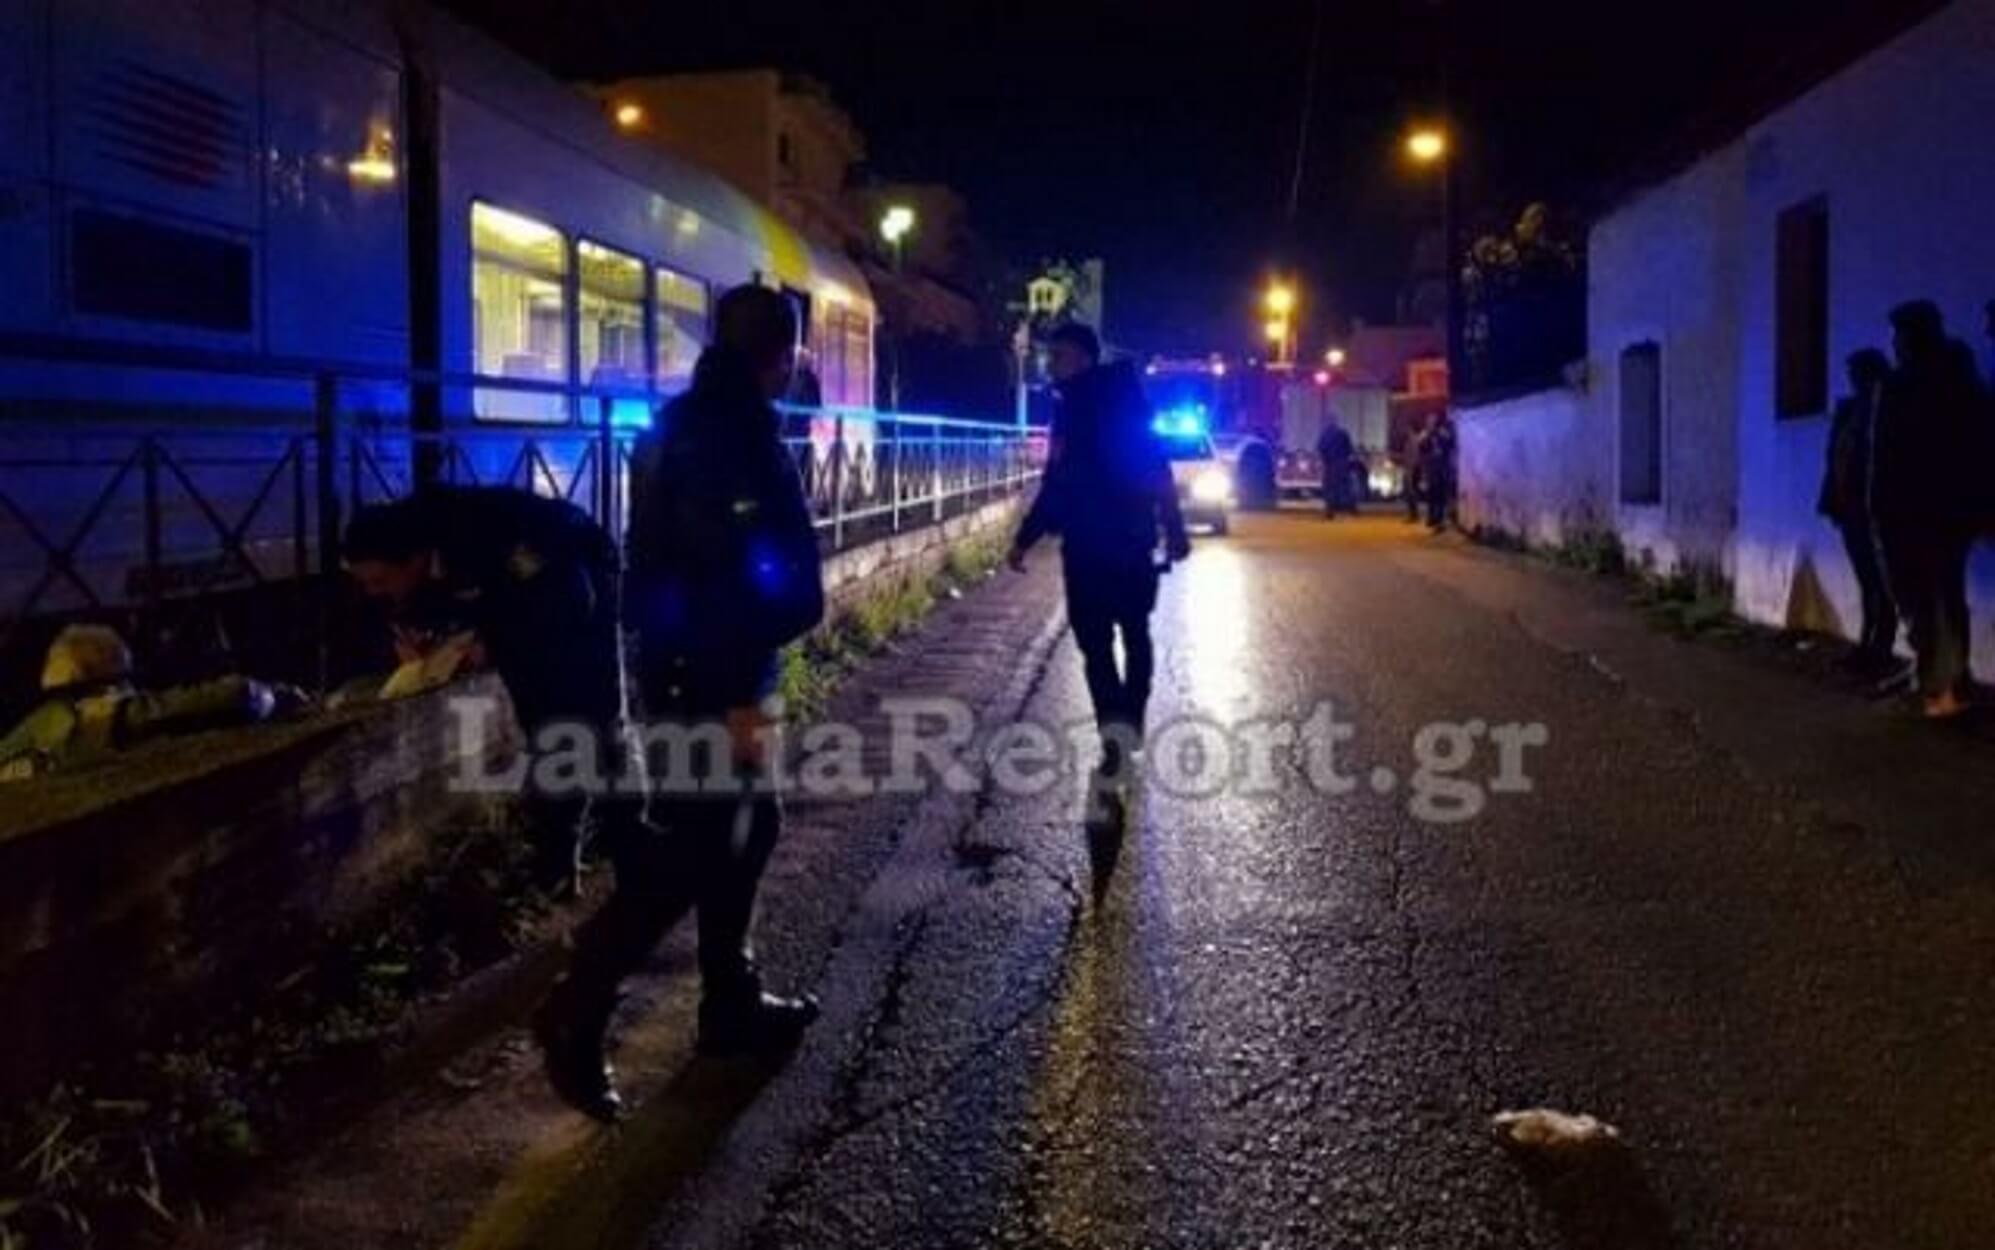 """Λαμία: """"Ξαναχτύπησαν"""" οι κλέφτες χαλκού και εγκλώβισαν τρένο στο Δομοκό"""